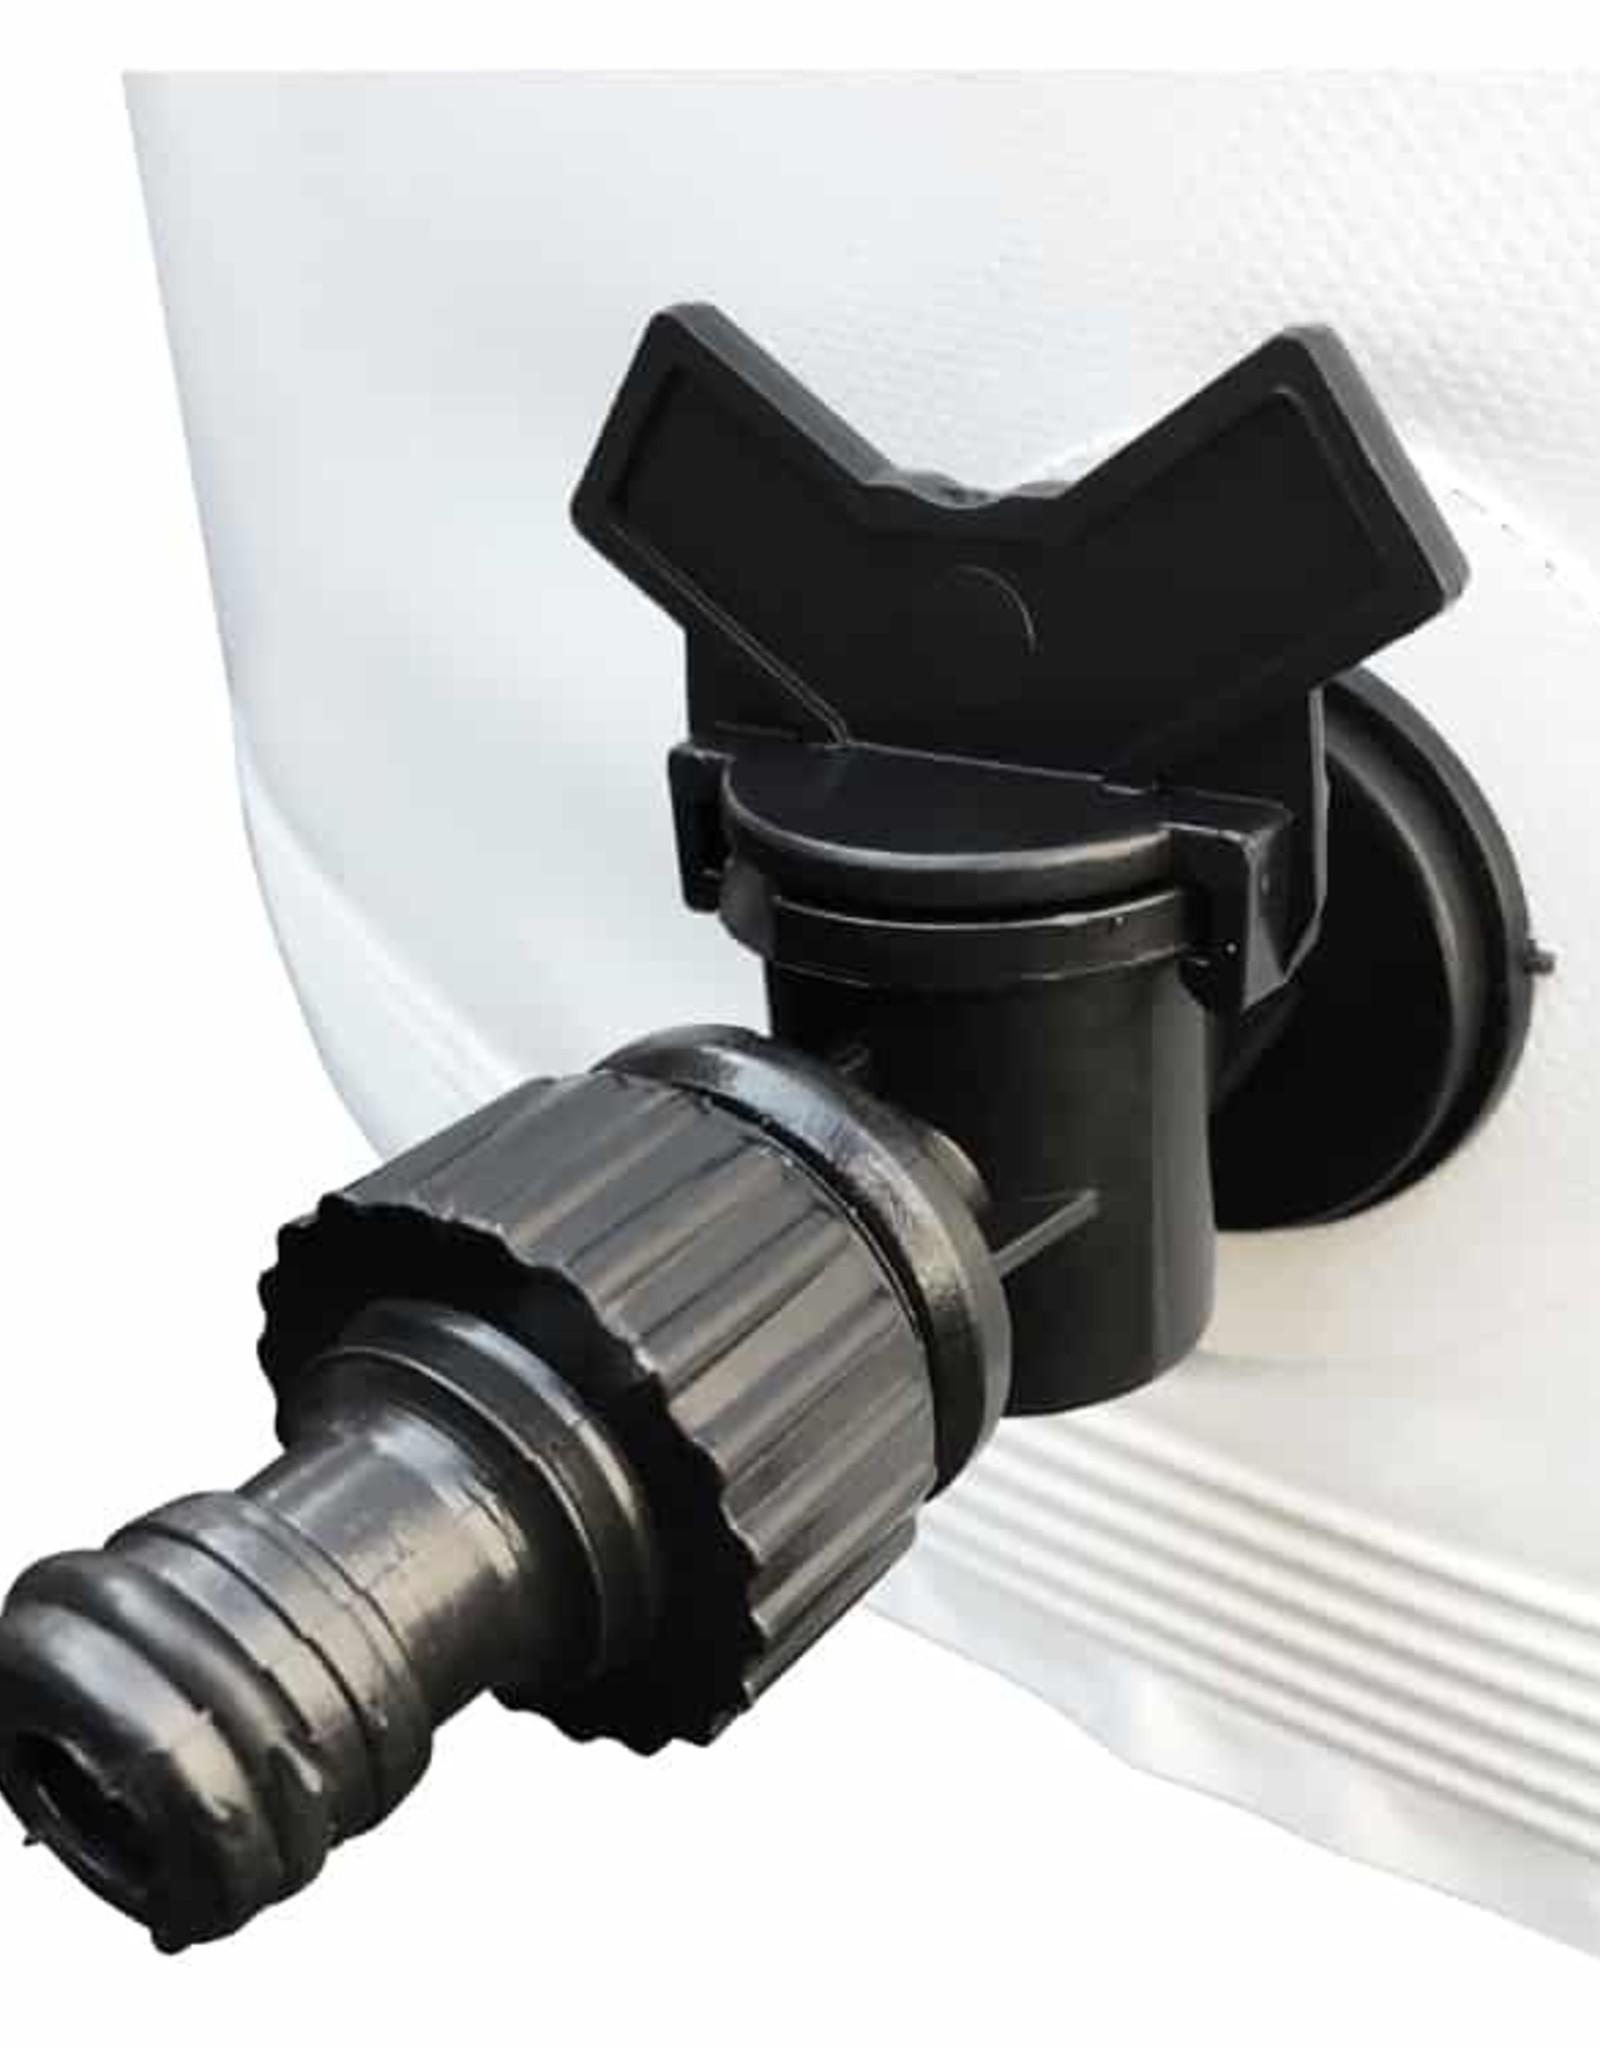 Autopot AutoPot FlexiTank Pro